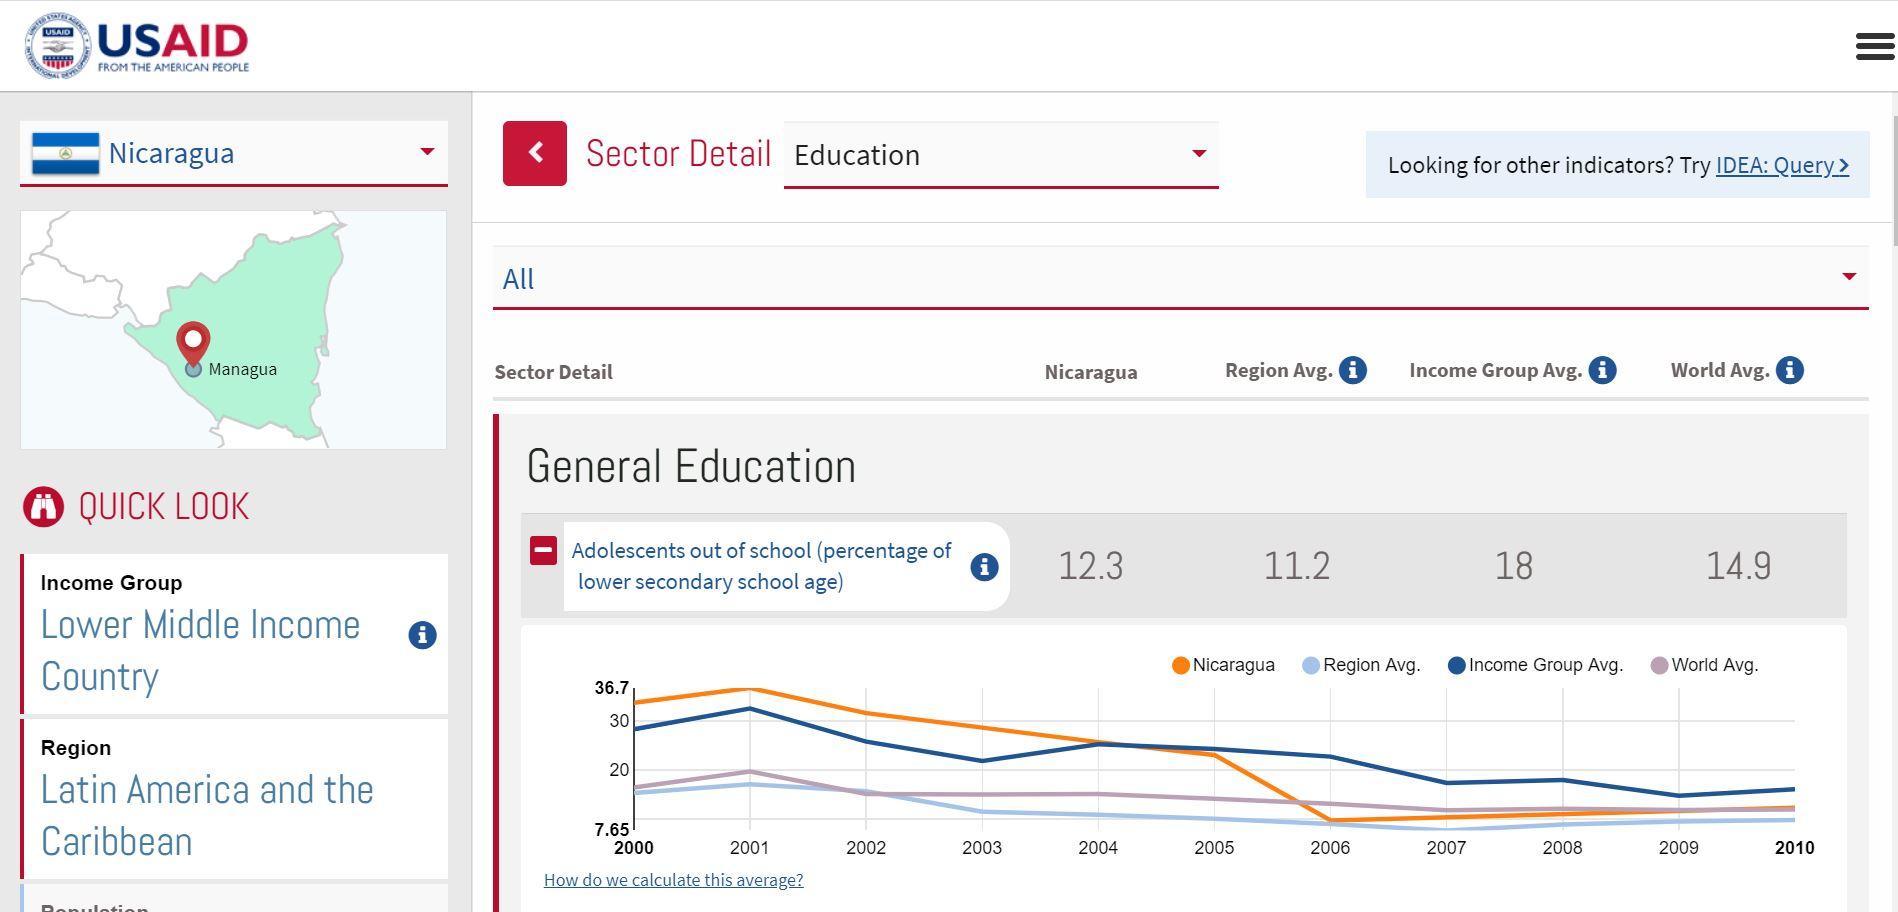 screenshot of USAID IDEA data dashboard